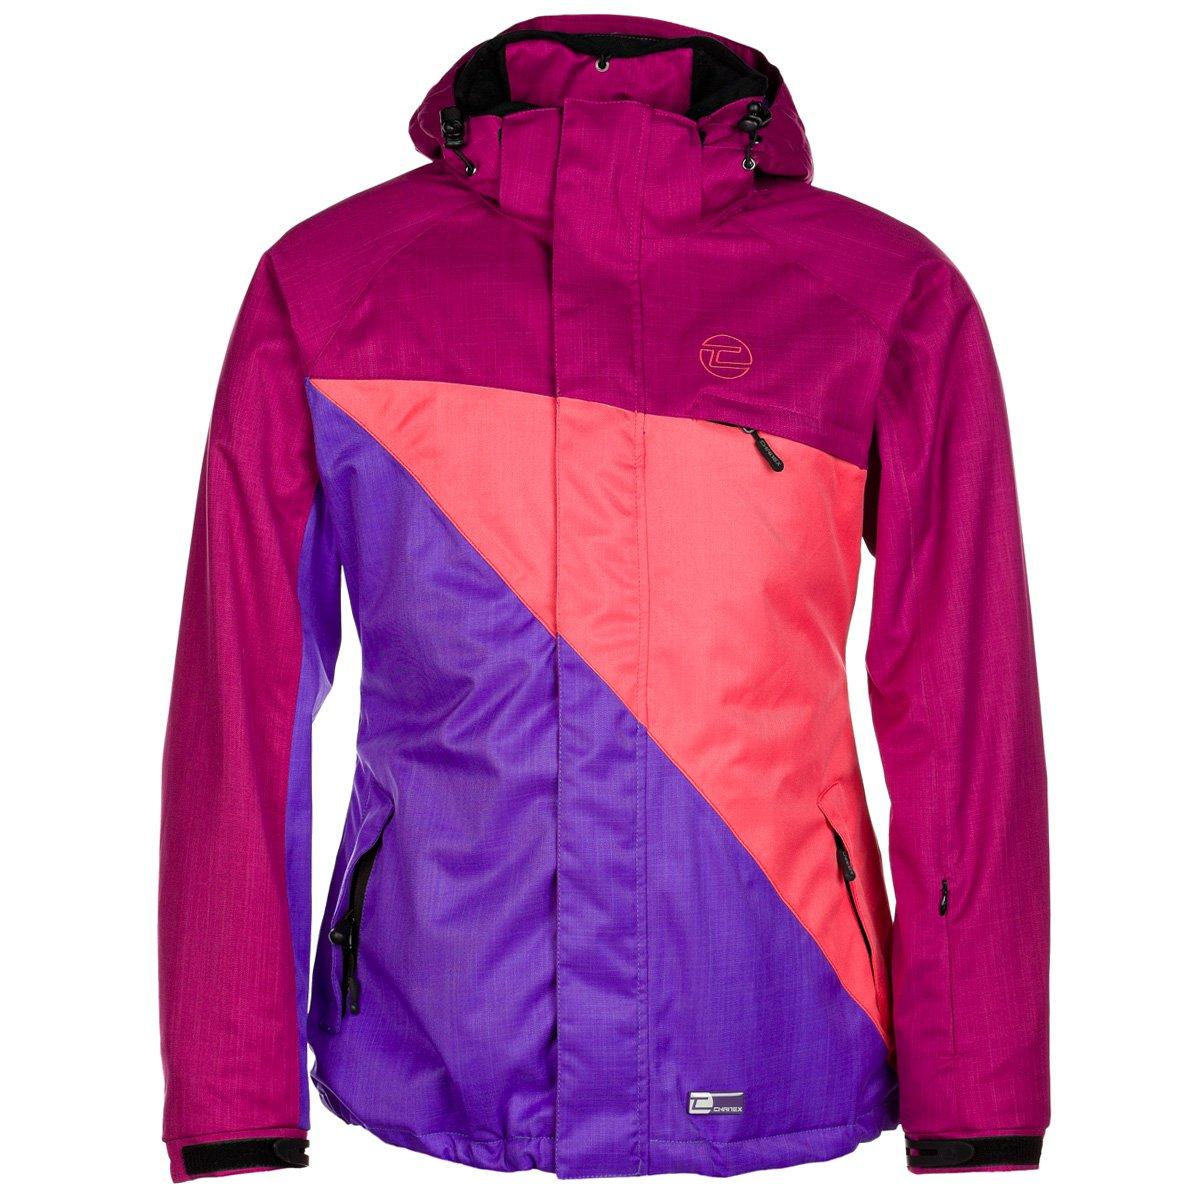 Damen Snowboard Jacke Chanex Hela Jacket Women online bestellen